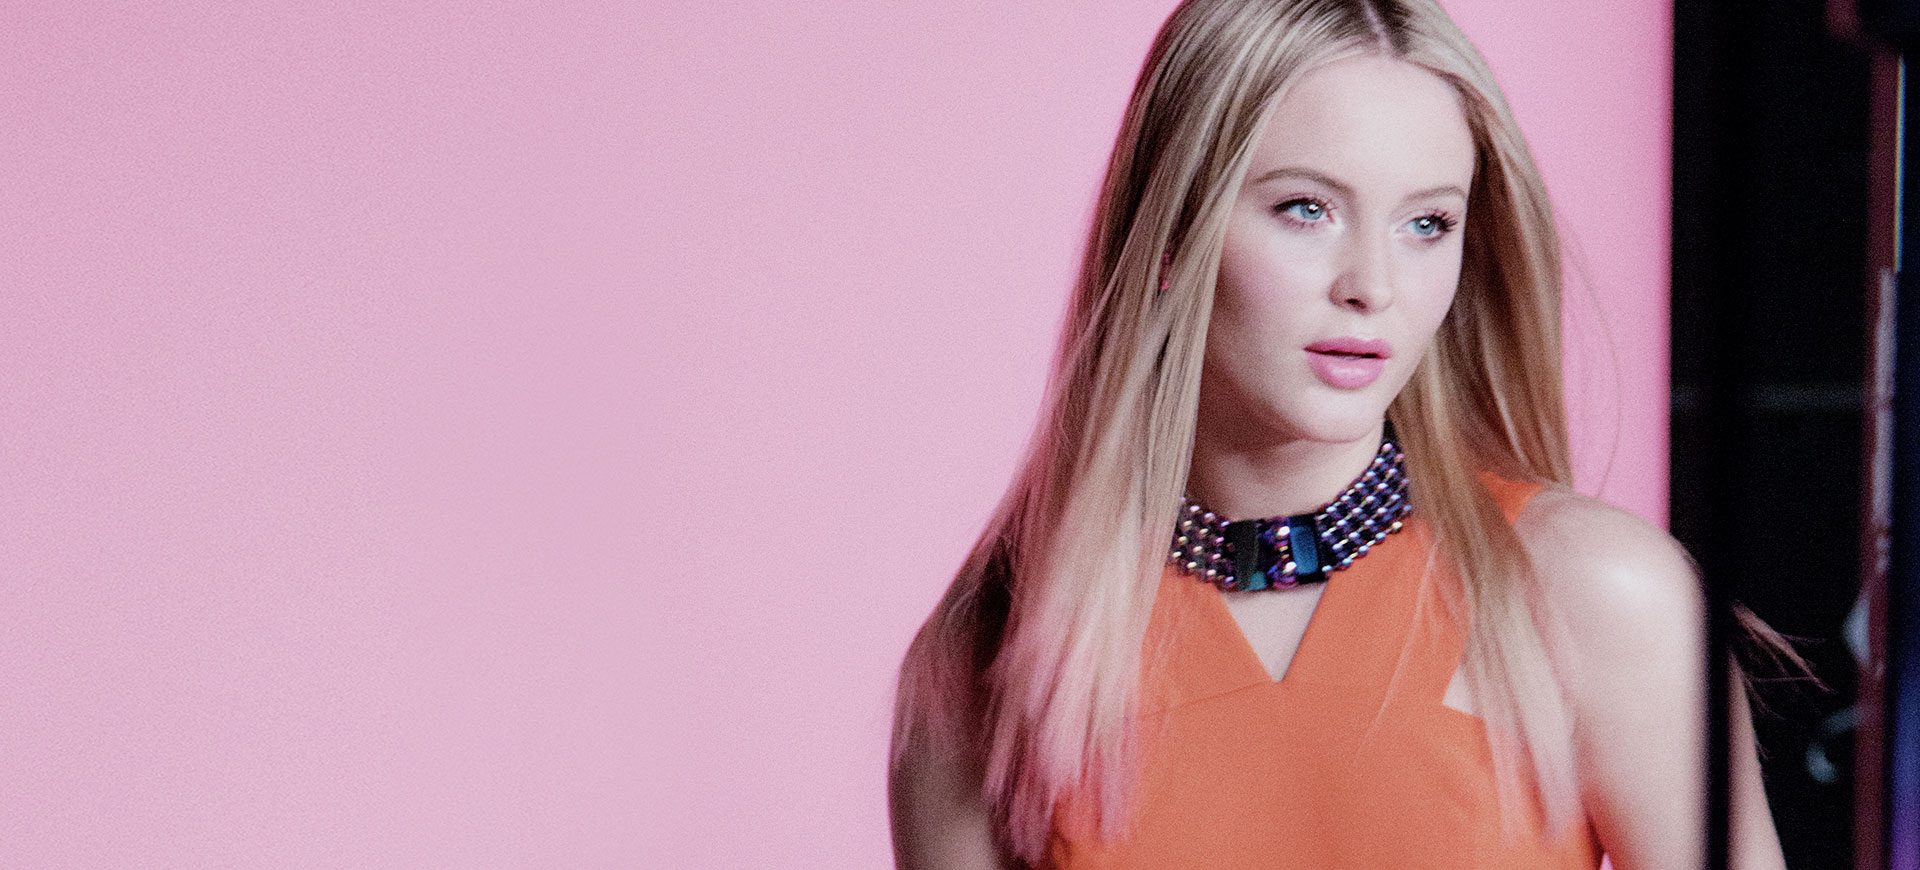 Zara Larssons bästa skönhetstips och beautyfavoriter